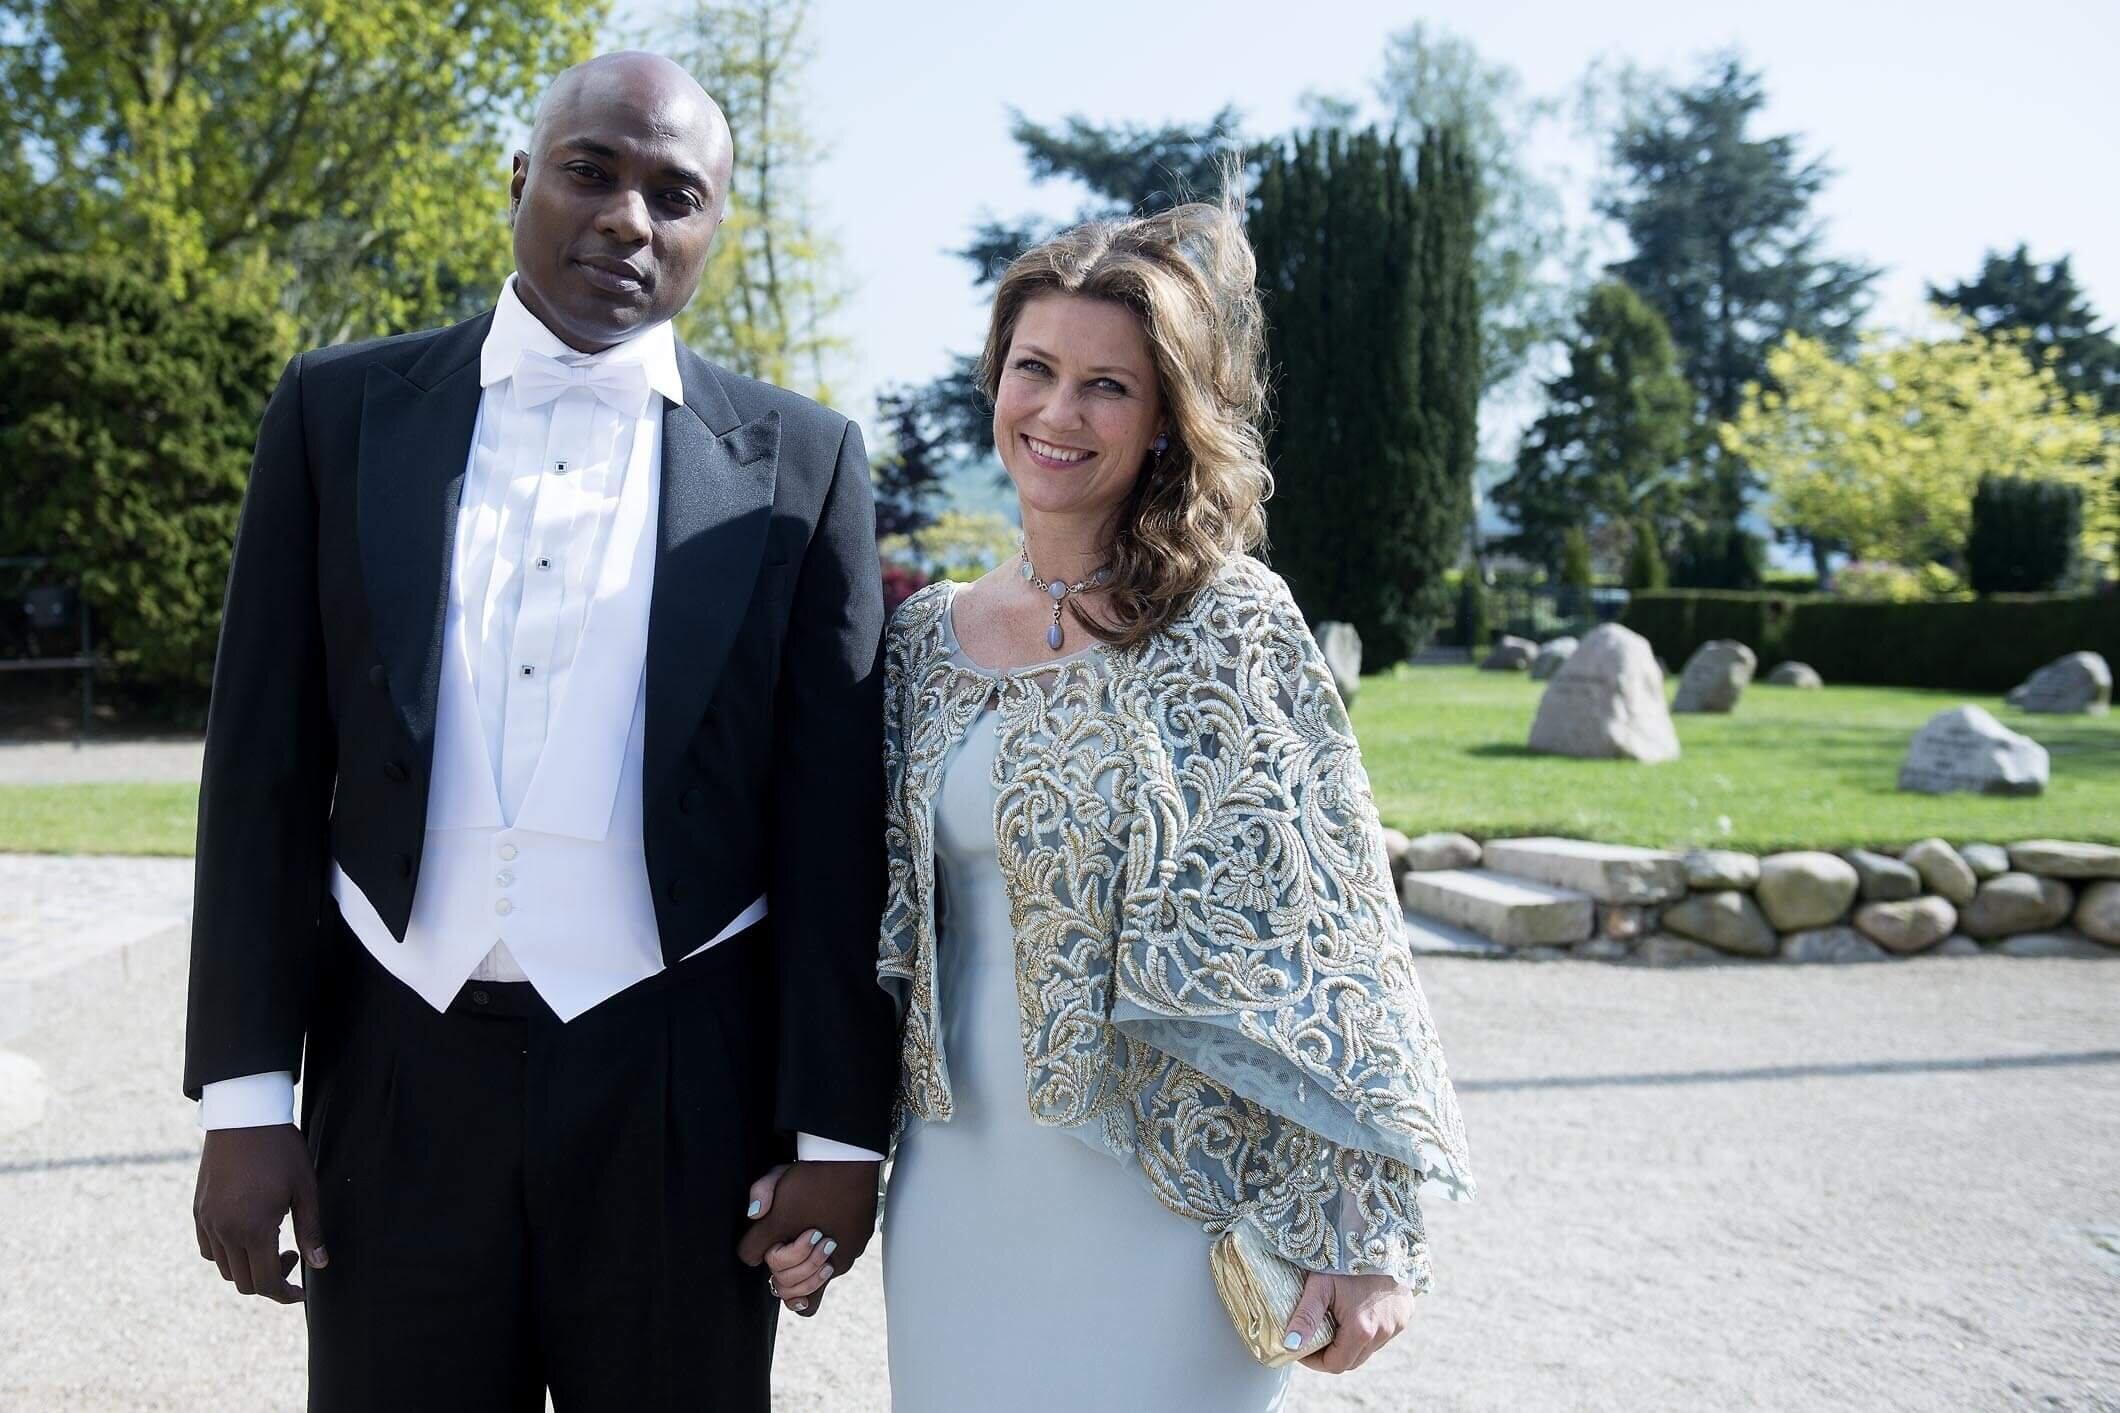 Prinzessin Märtha Louise und der Schamane Durek Verrett schmieden bereits Hochzeitspläne.  © picture alliance/Ritzau Scanpix